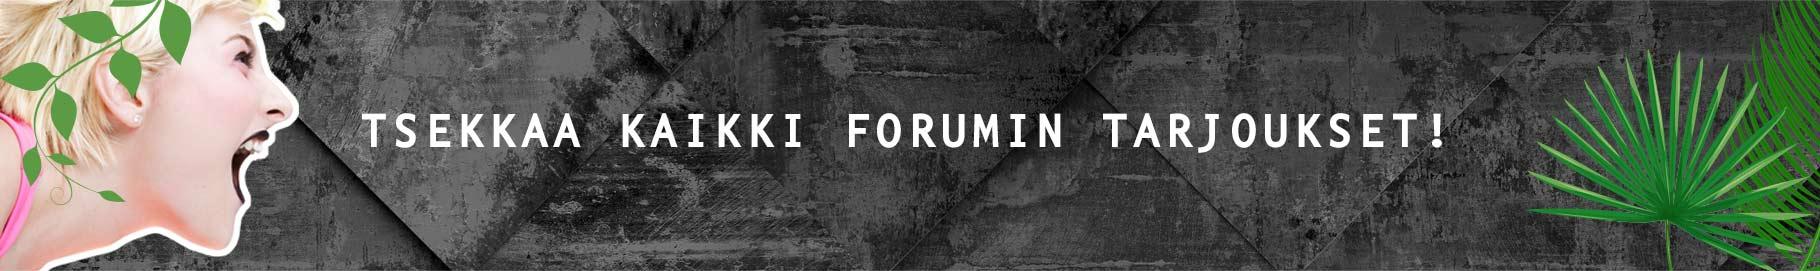 Tsekkaa kaikki Forumin tarjoukset!